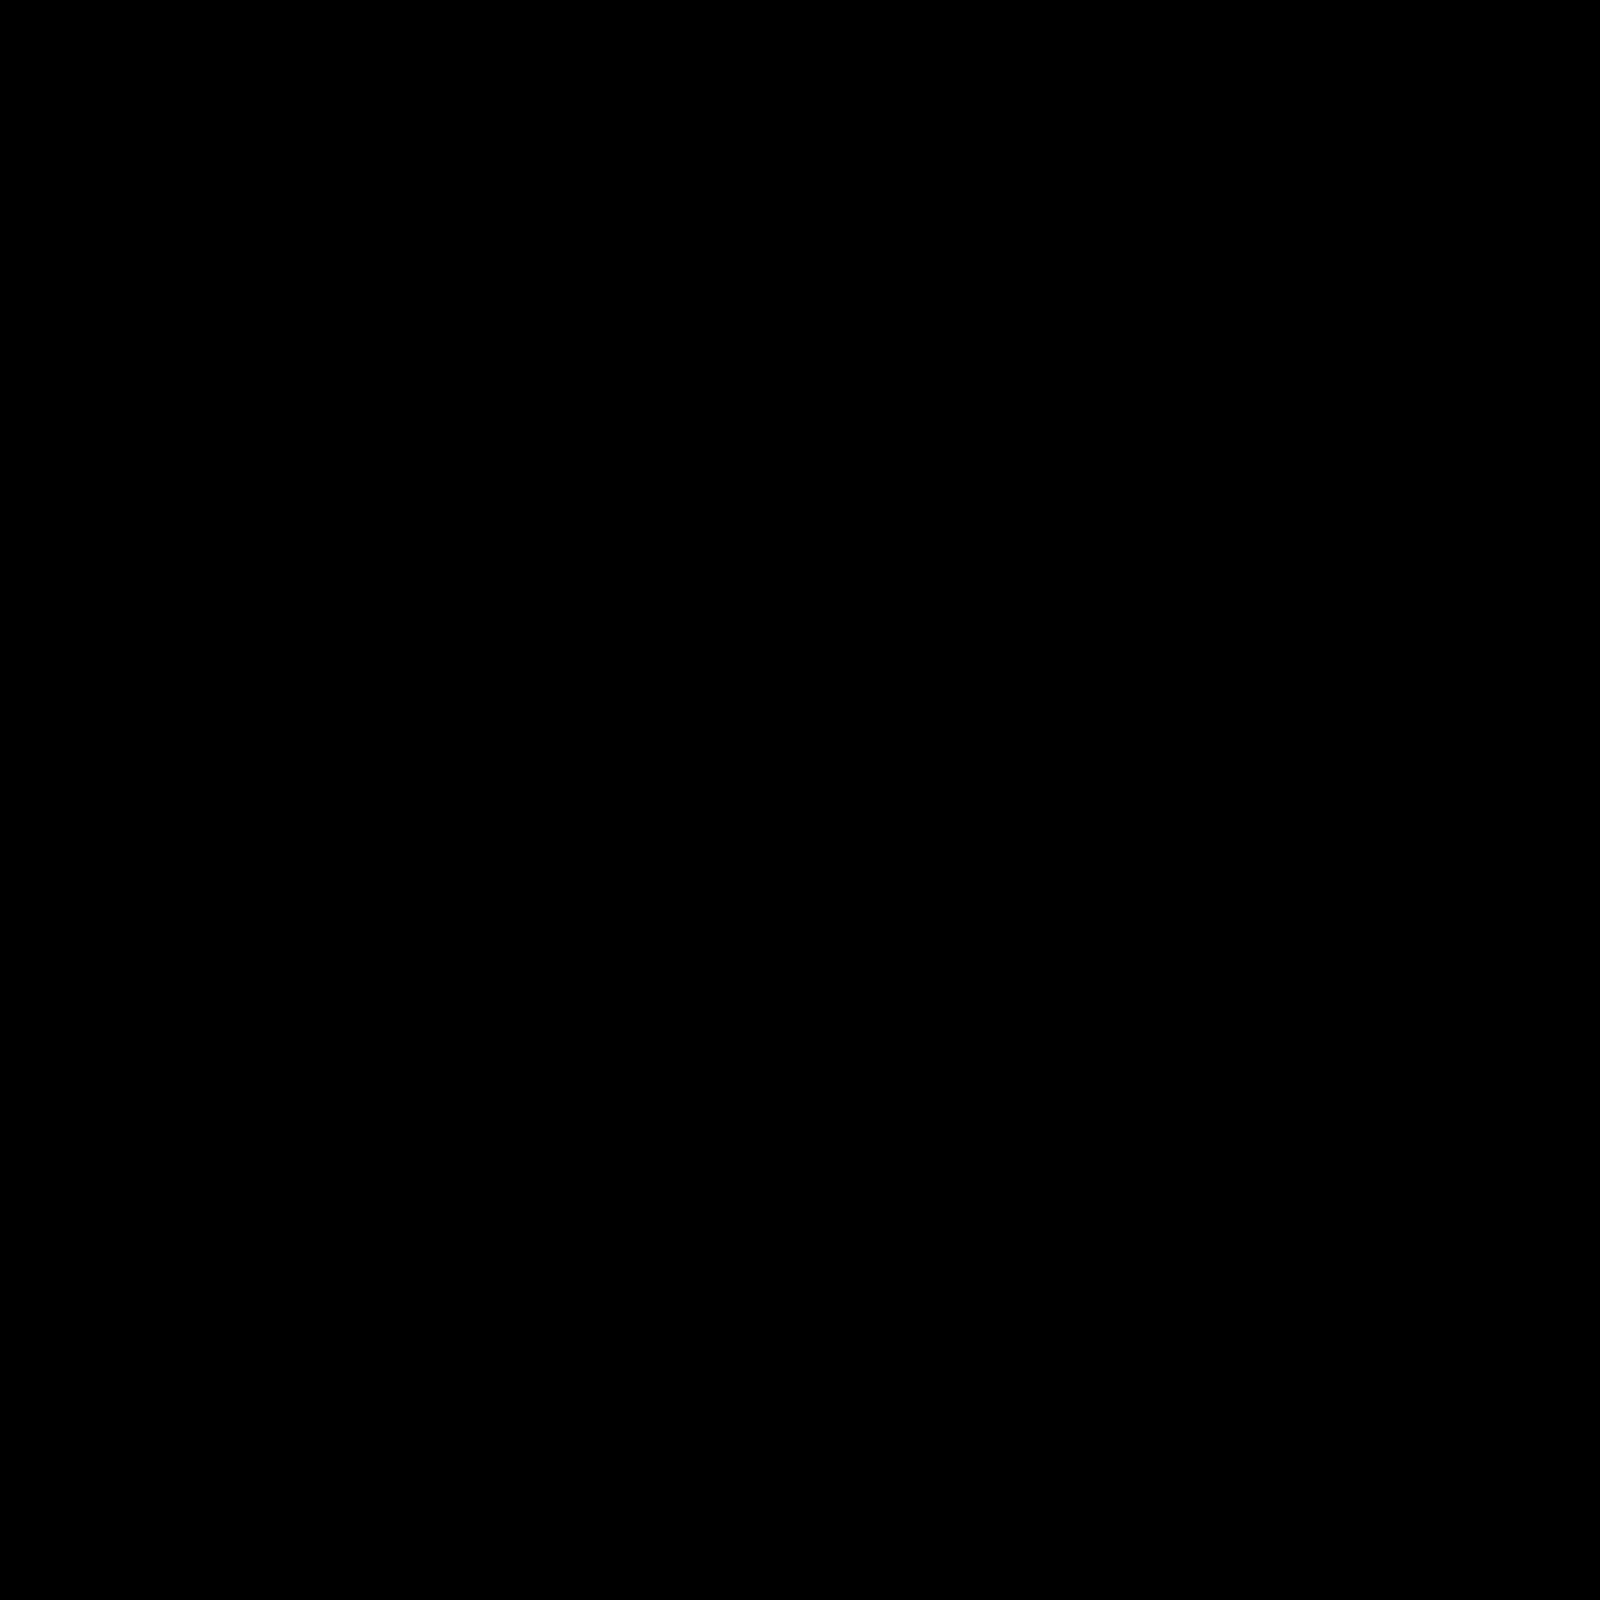 Zip Code Filled icon - Zip Code PNG